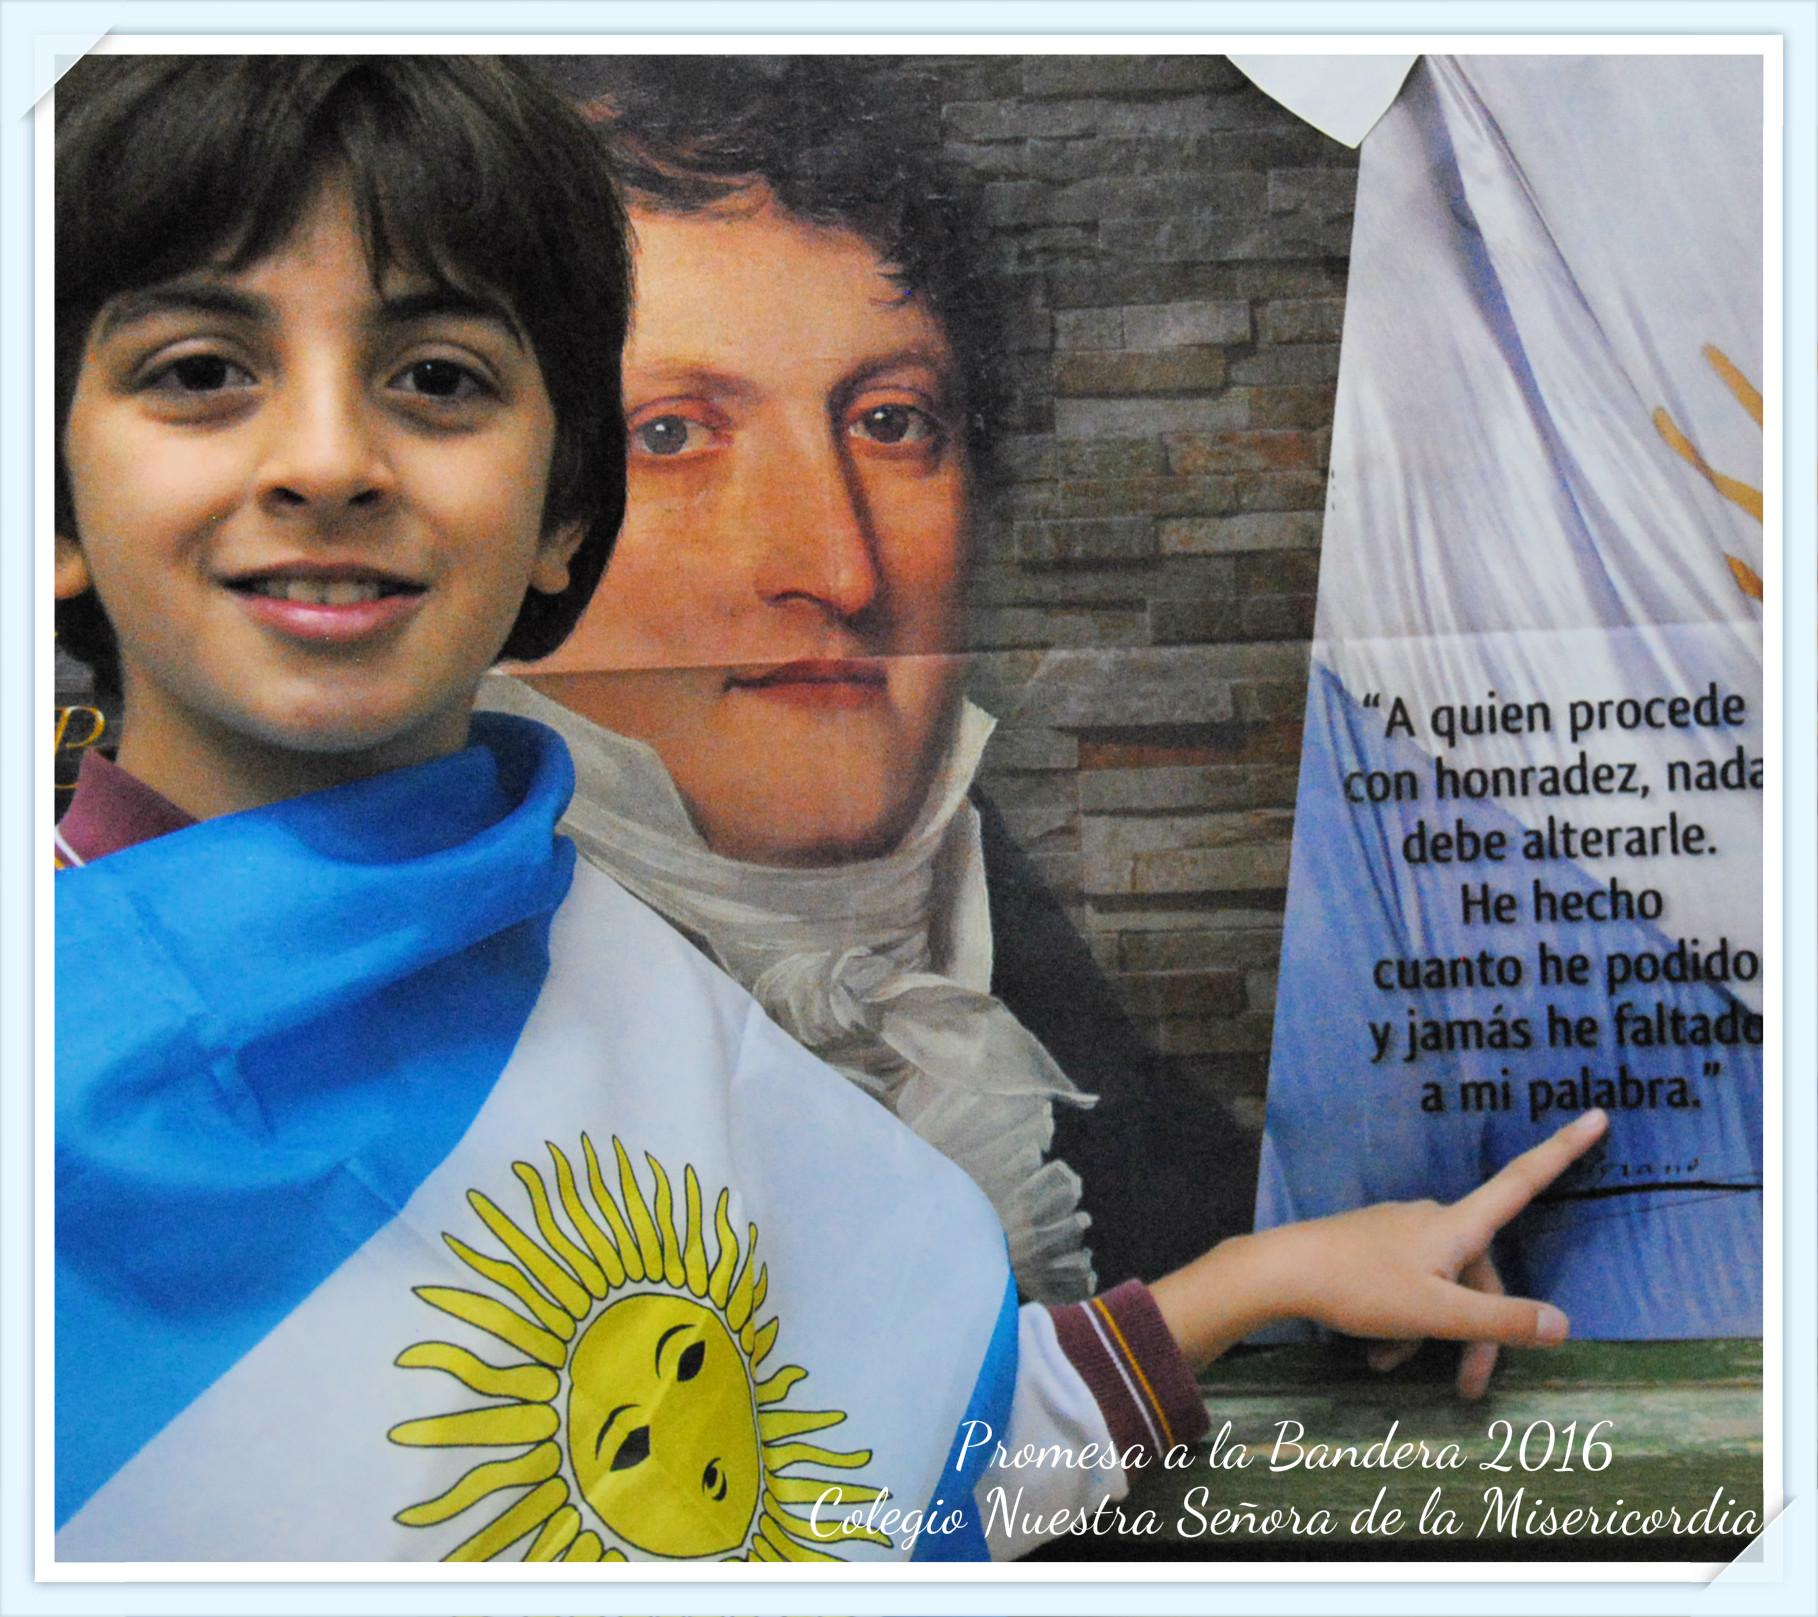 Promesa a la bandera